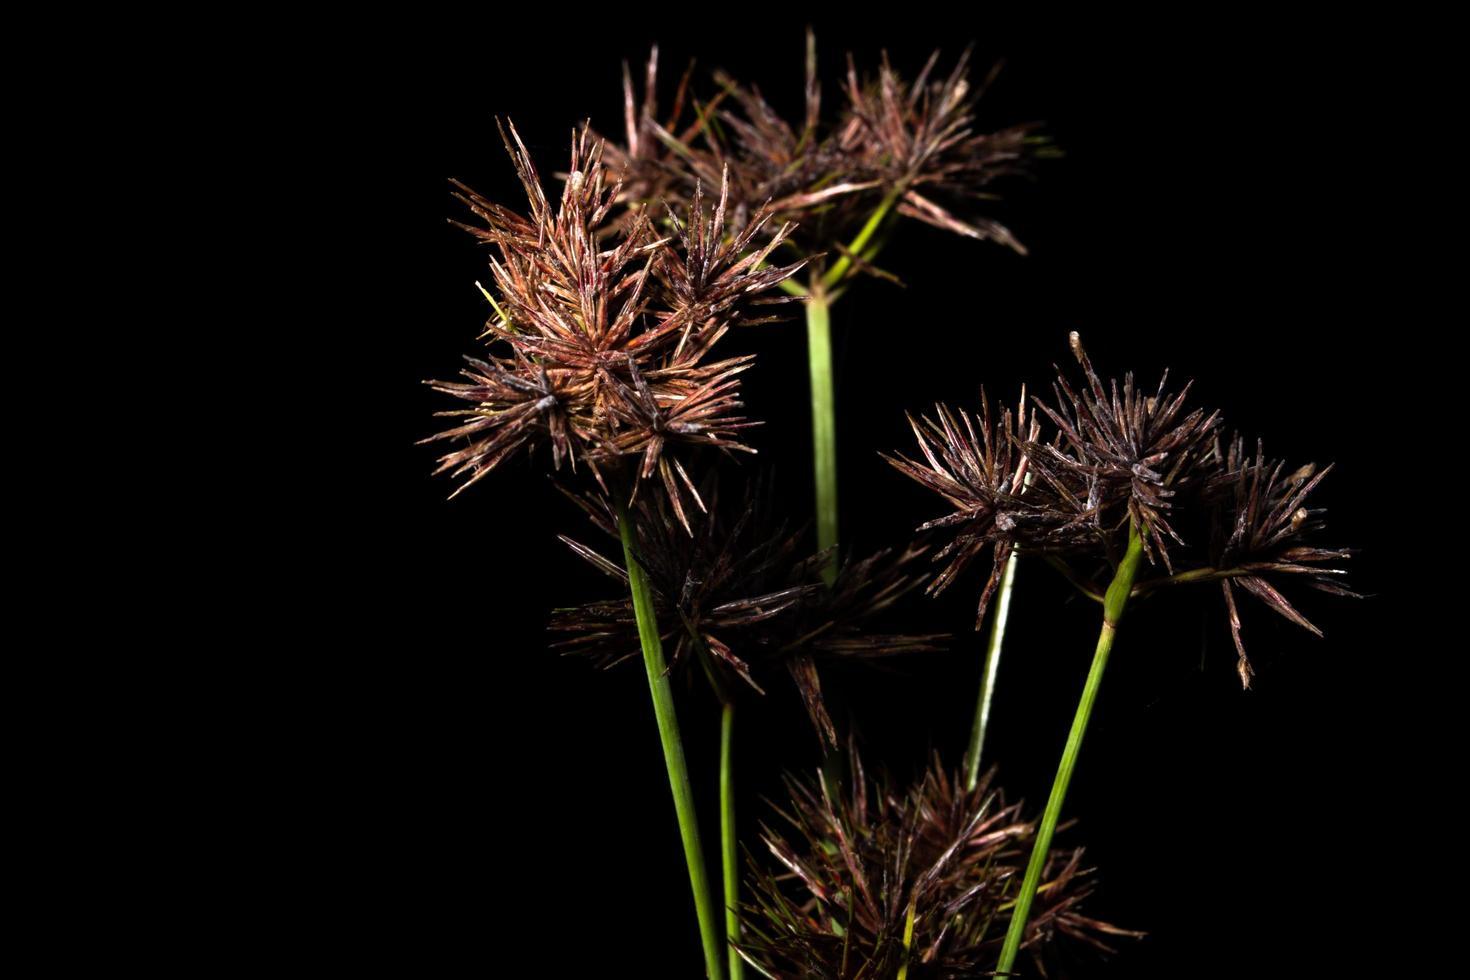 Wildblumen auf einem schwarzen Hintergrund foto